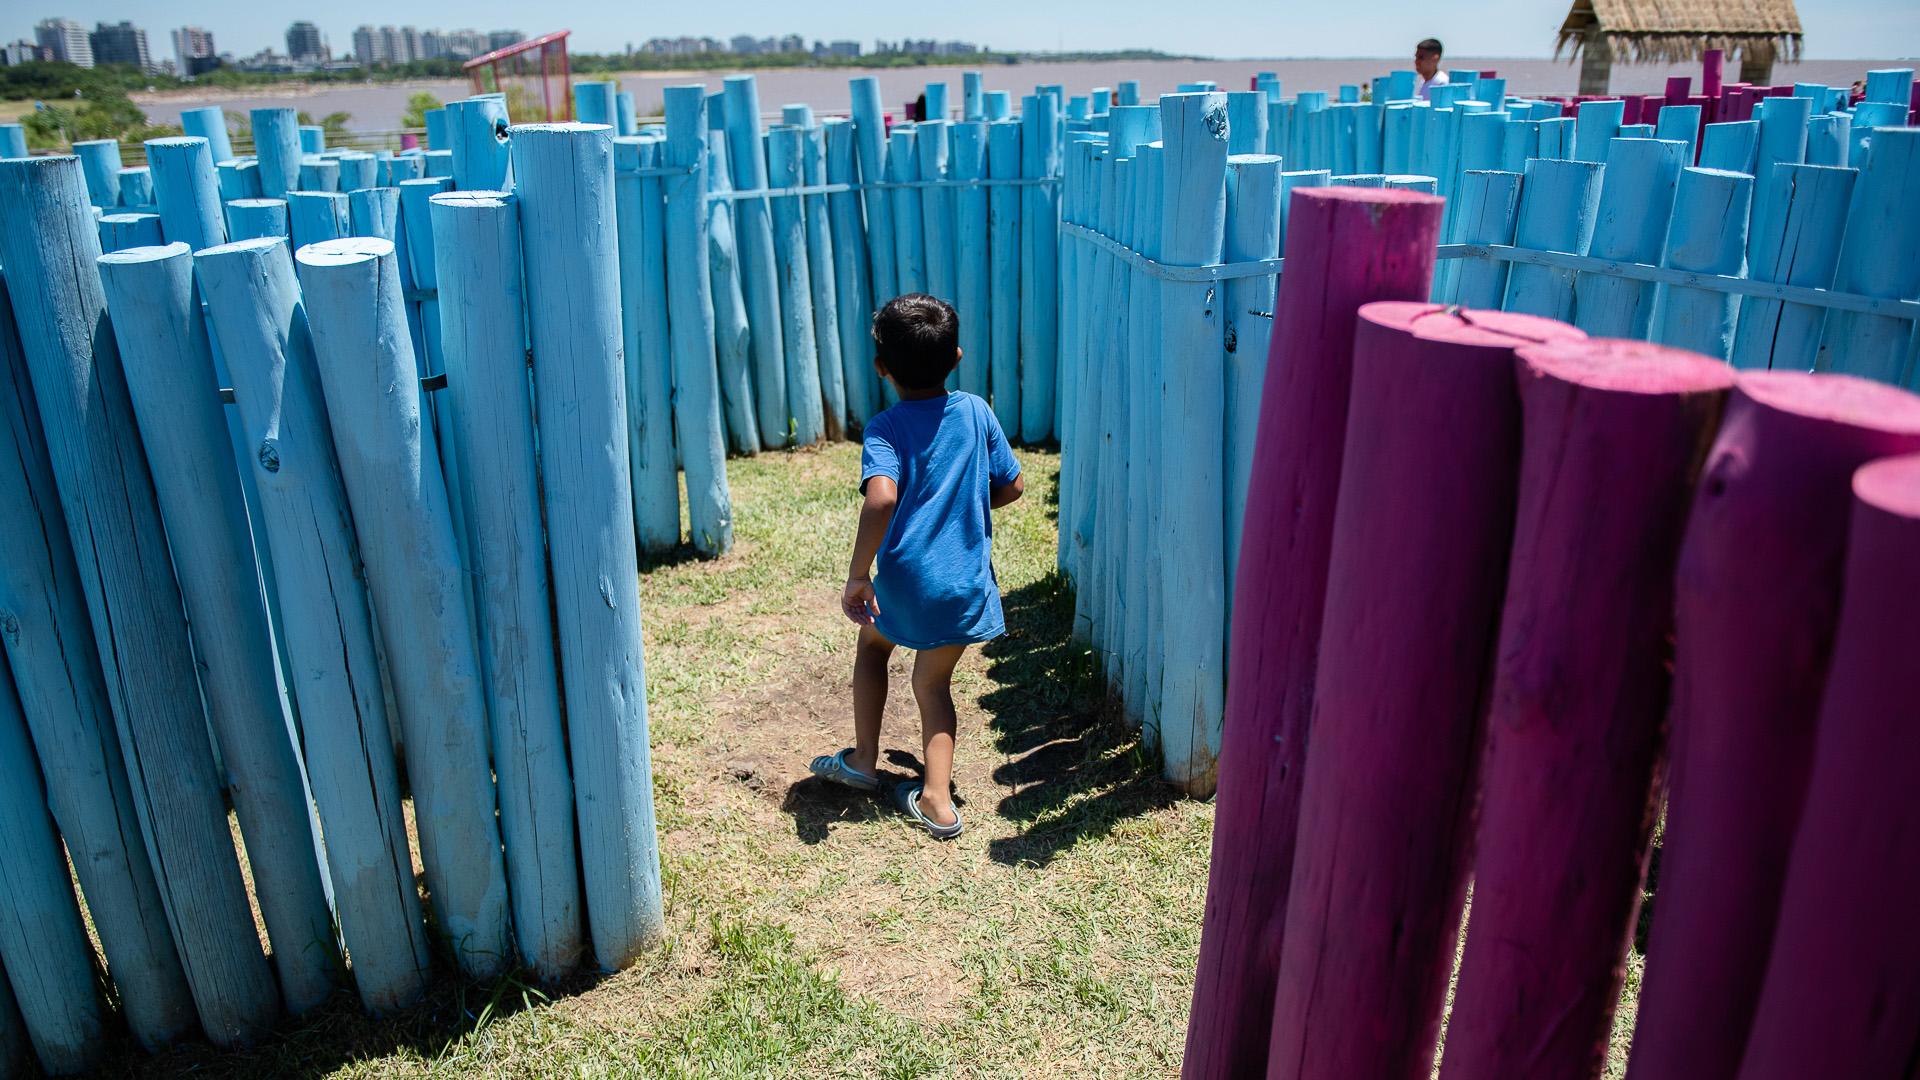 El laberinto gigante, otra de las principales atracciones de Buenos Aires Playa